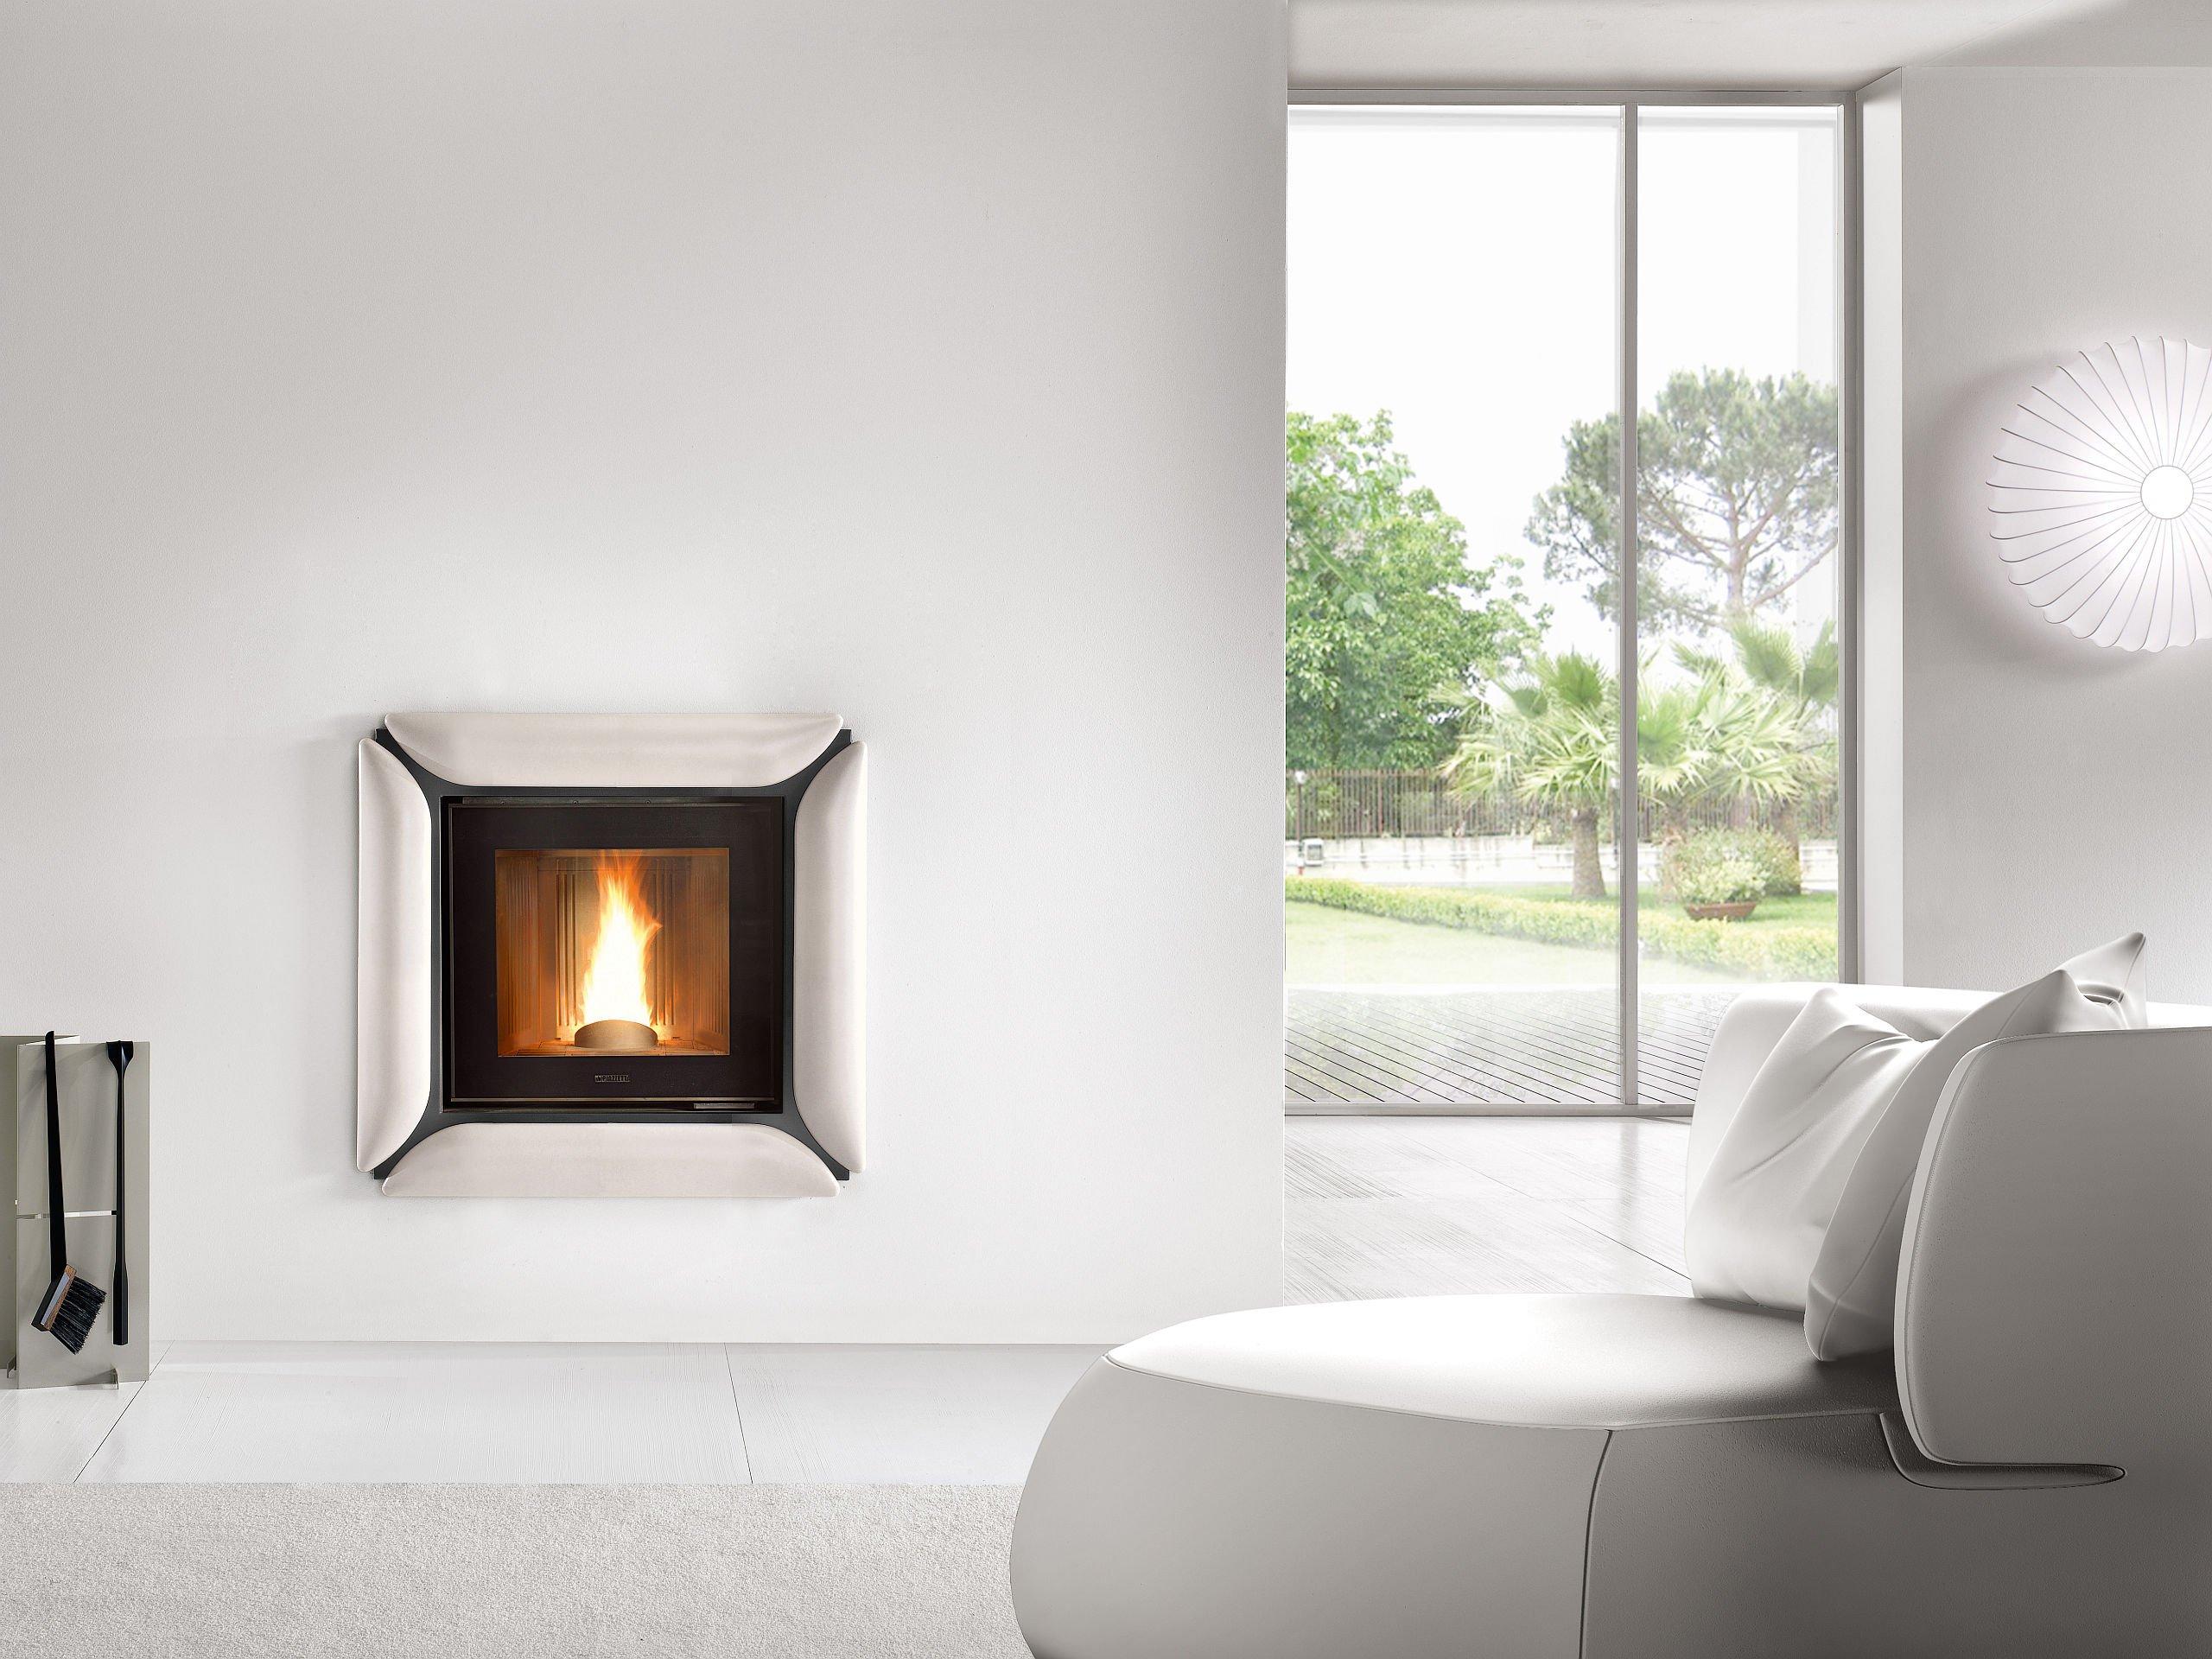 Termocamini per riscaldare cose di casa for Telecomando piazzetta